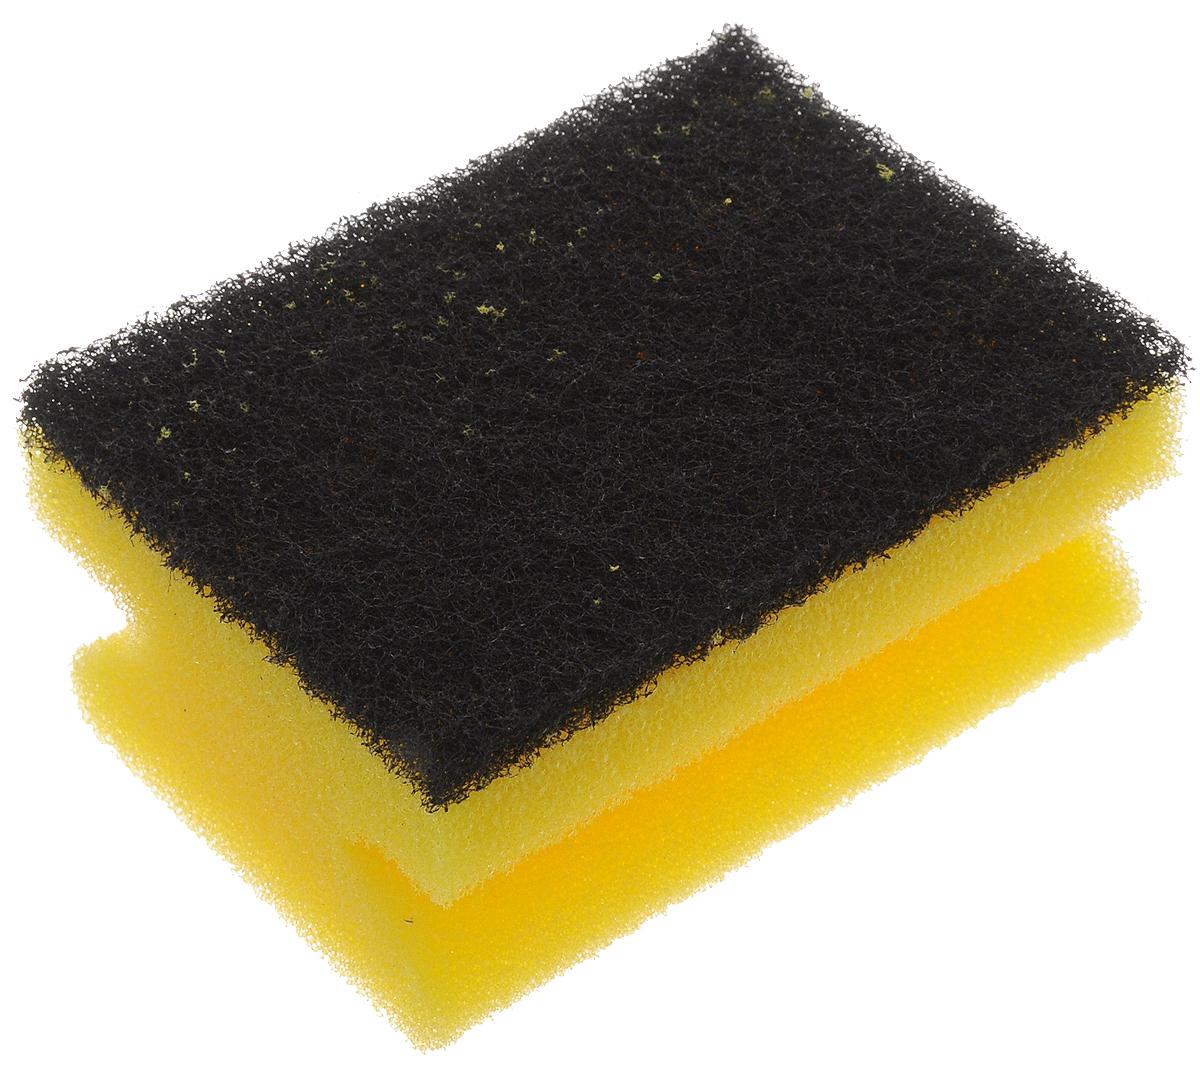 Губка для мытья посуды Paterra Super Aktiv, с лавсаном, 9,5 х 7 х 4,5 см531-105Губка Paterra Super Aktiv выполнена из полиуретана с абразивным слоем с вкраплениями из лавсана для увеличения чистящего эффекта. Губка не деформируется и не крошится при нагрузках. Специальный клеевой шов не позволяет слоям отслаиваться в процессе использования. Губка предназначена для мытья стойких загрязнений на посуде.